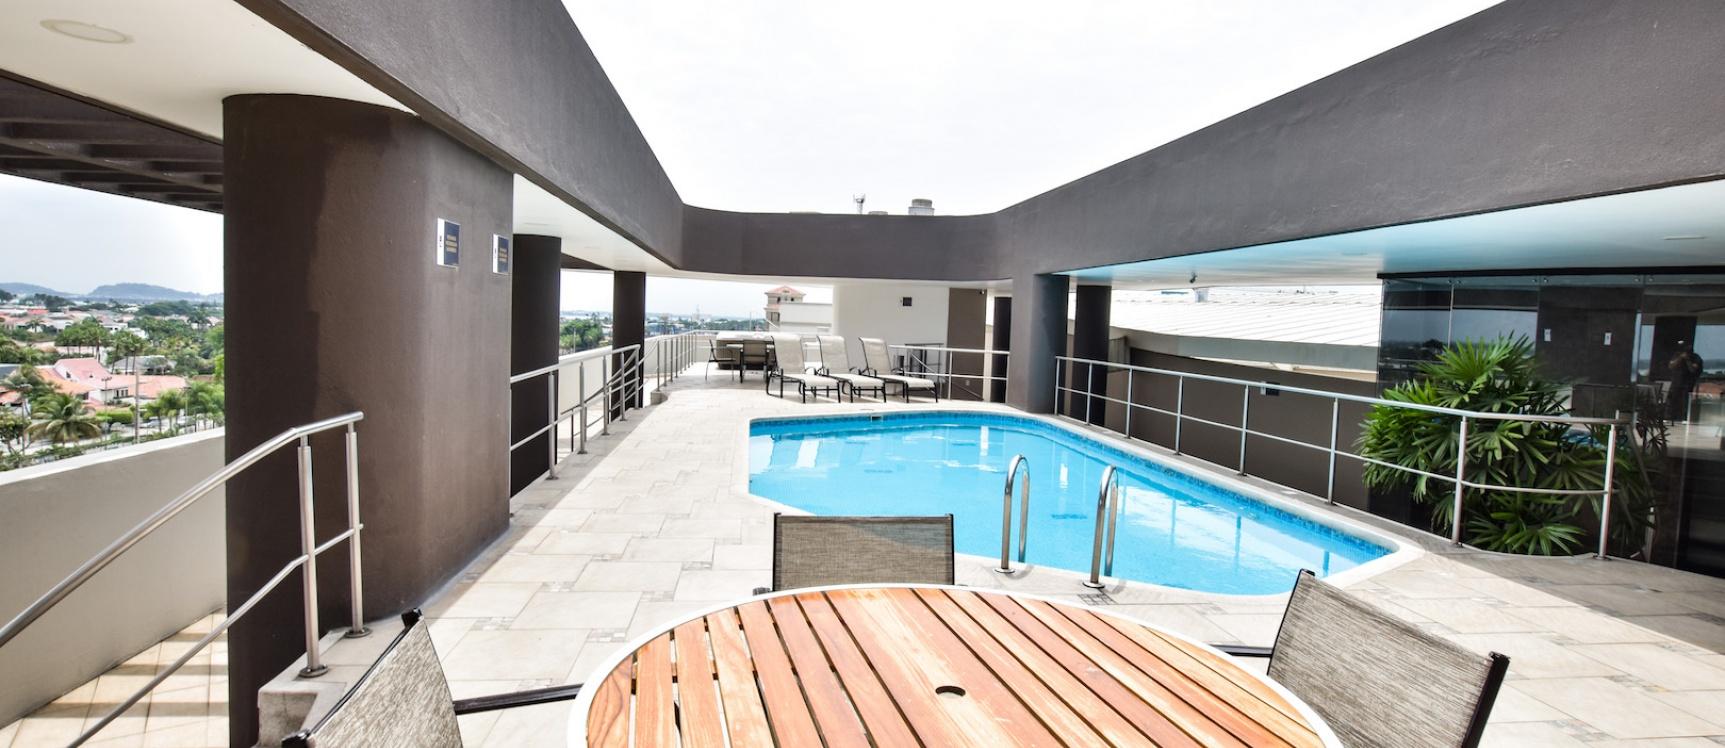 GeoBienes - Venta de suite en Samborondón Plaza - Plusvalia Guayaquil Casas de venta y alquiler Inmobiliaria Ecuador